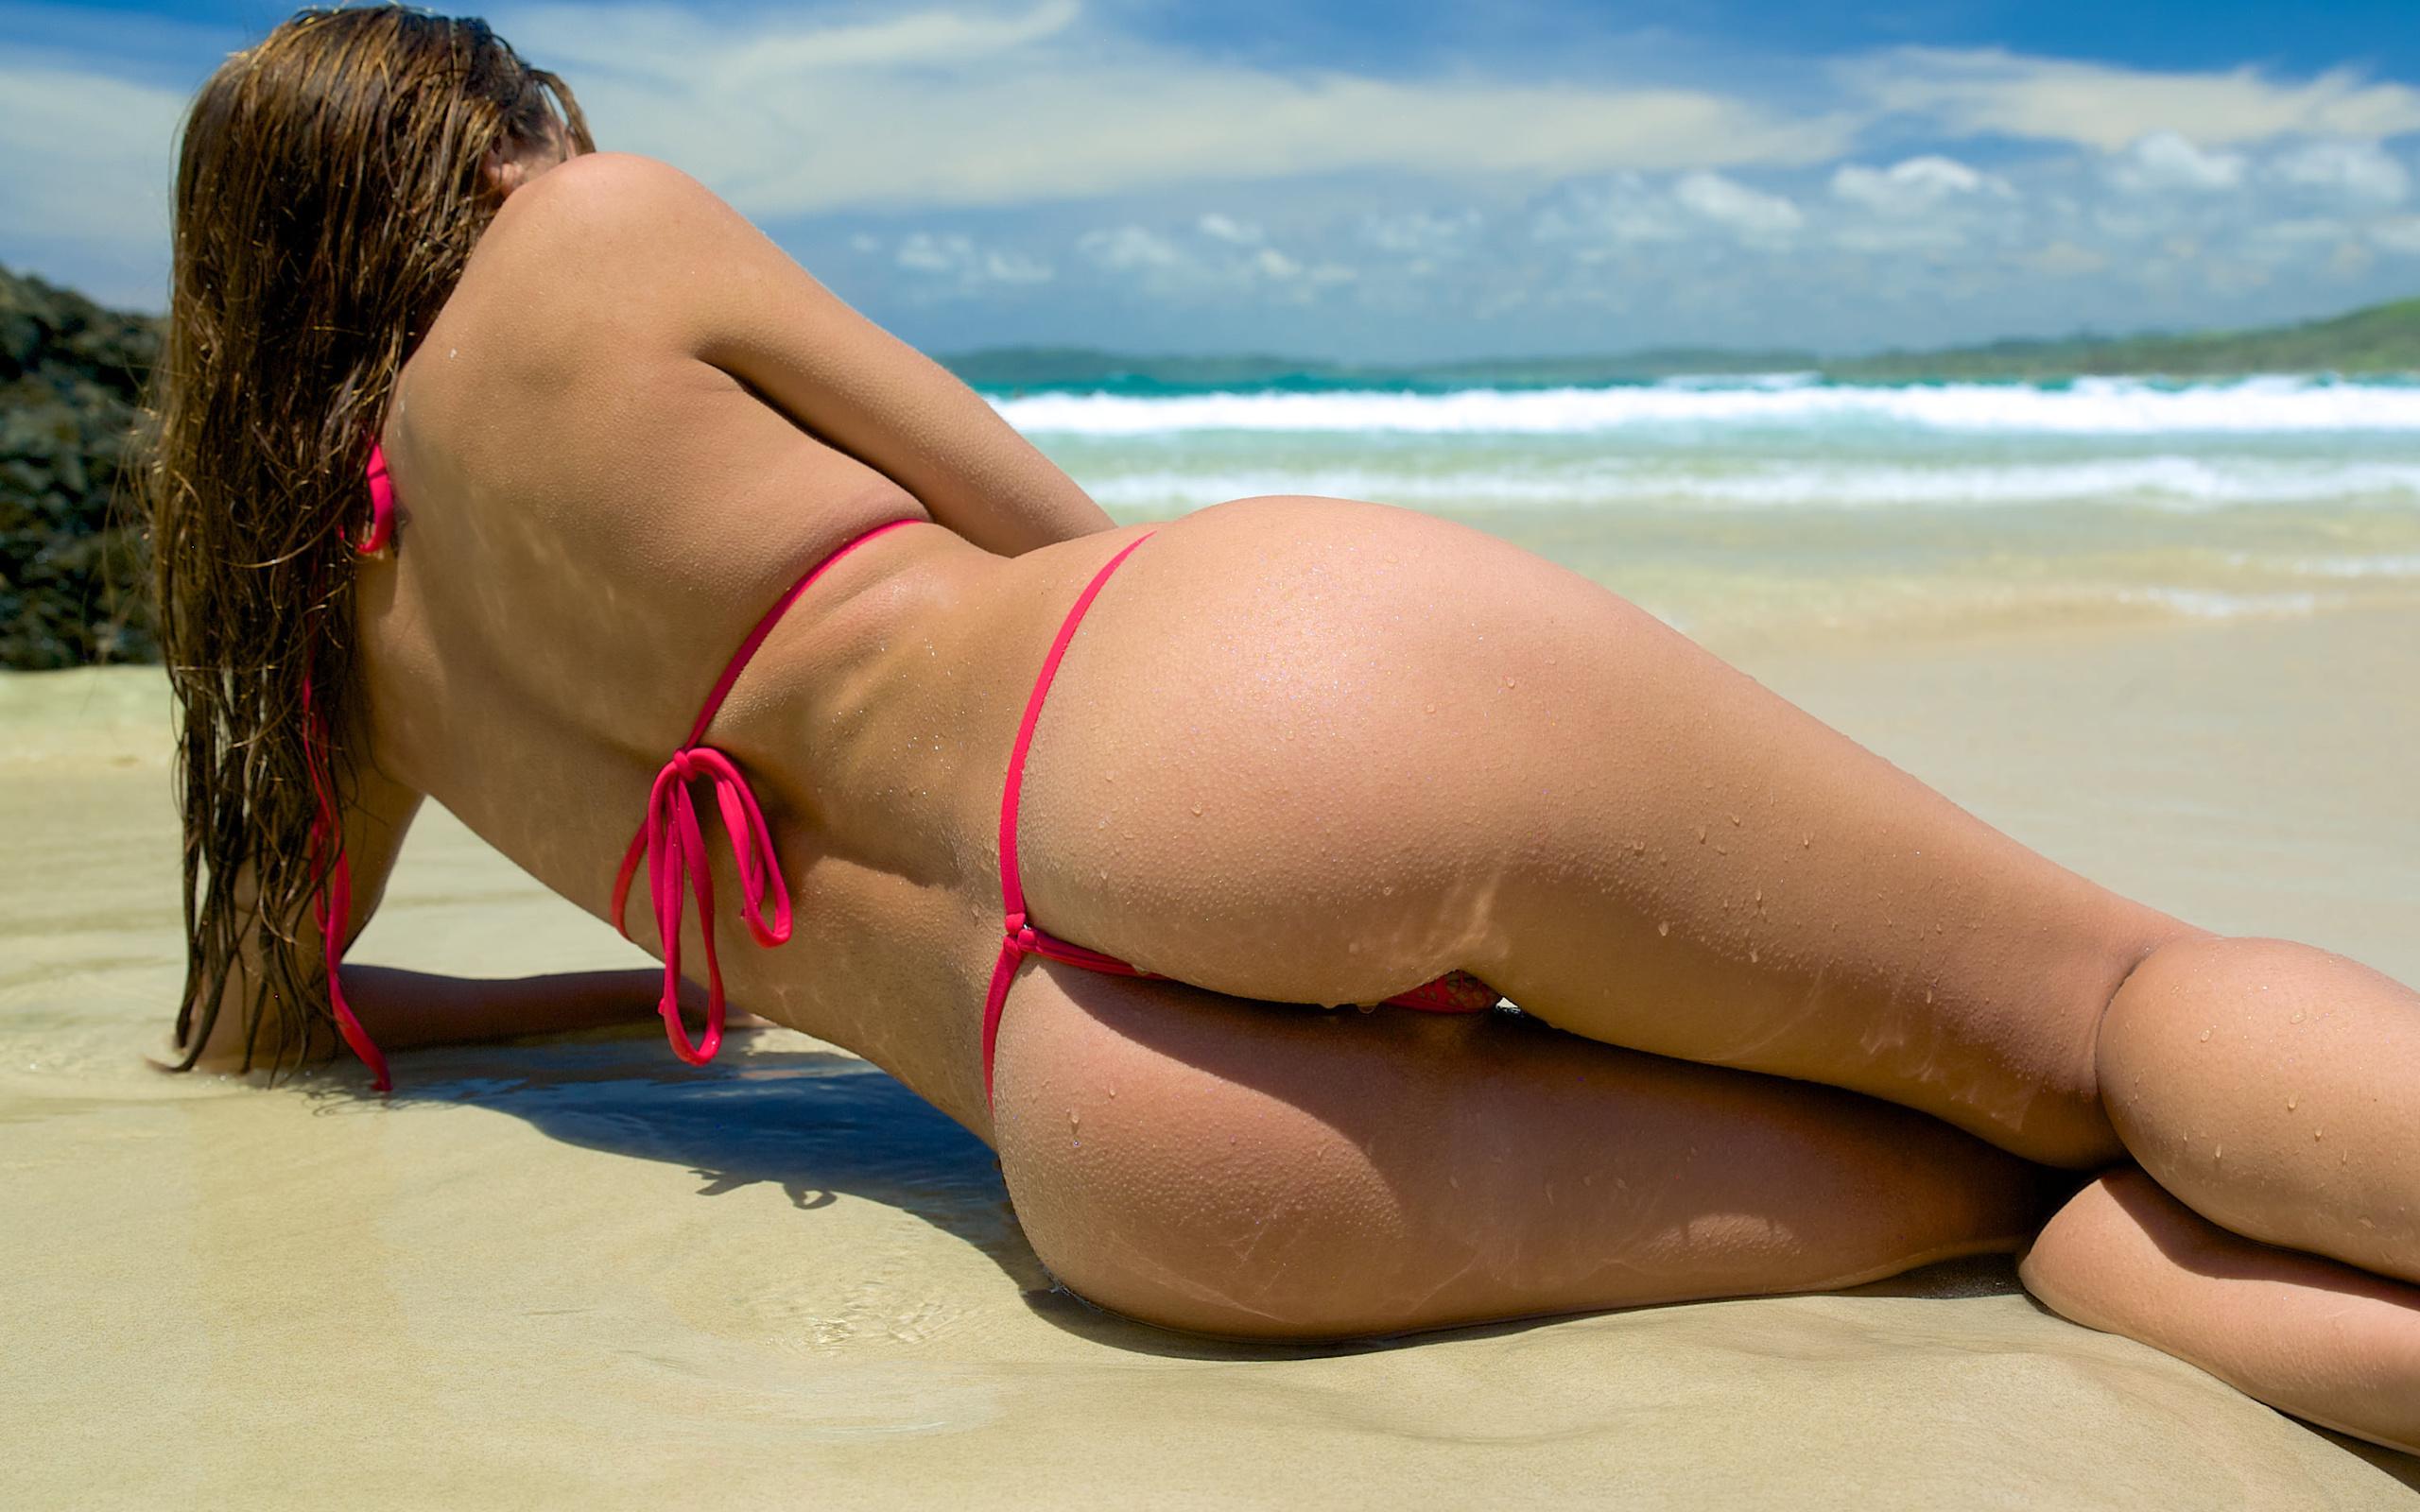 Голые Бабы На Нудистском Пляже